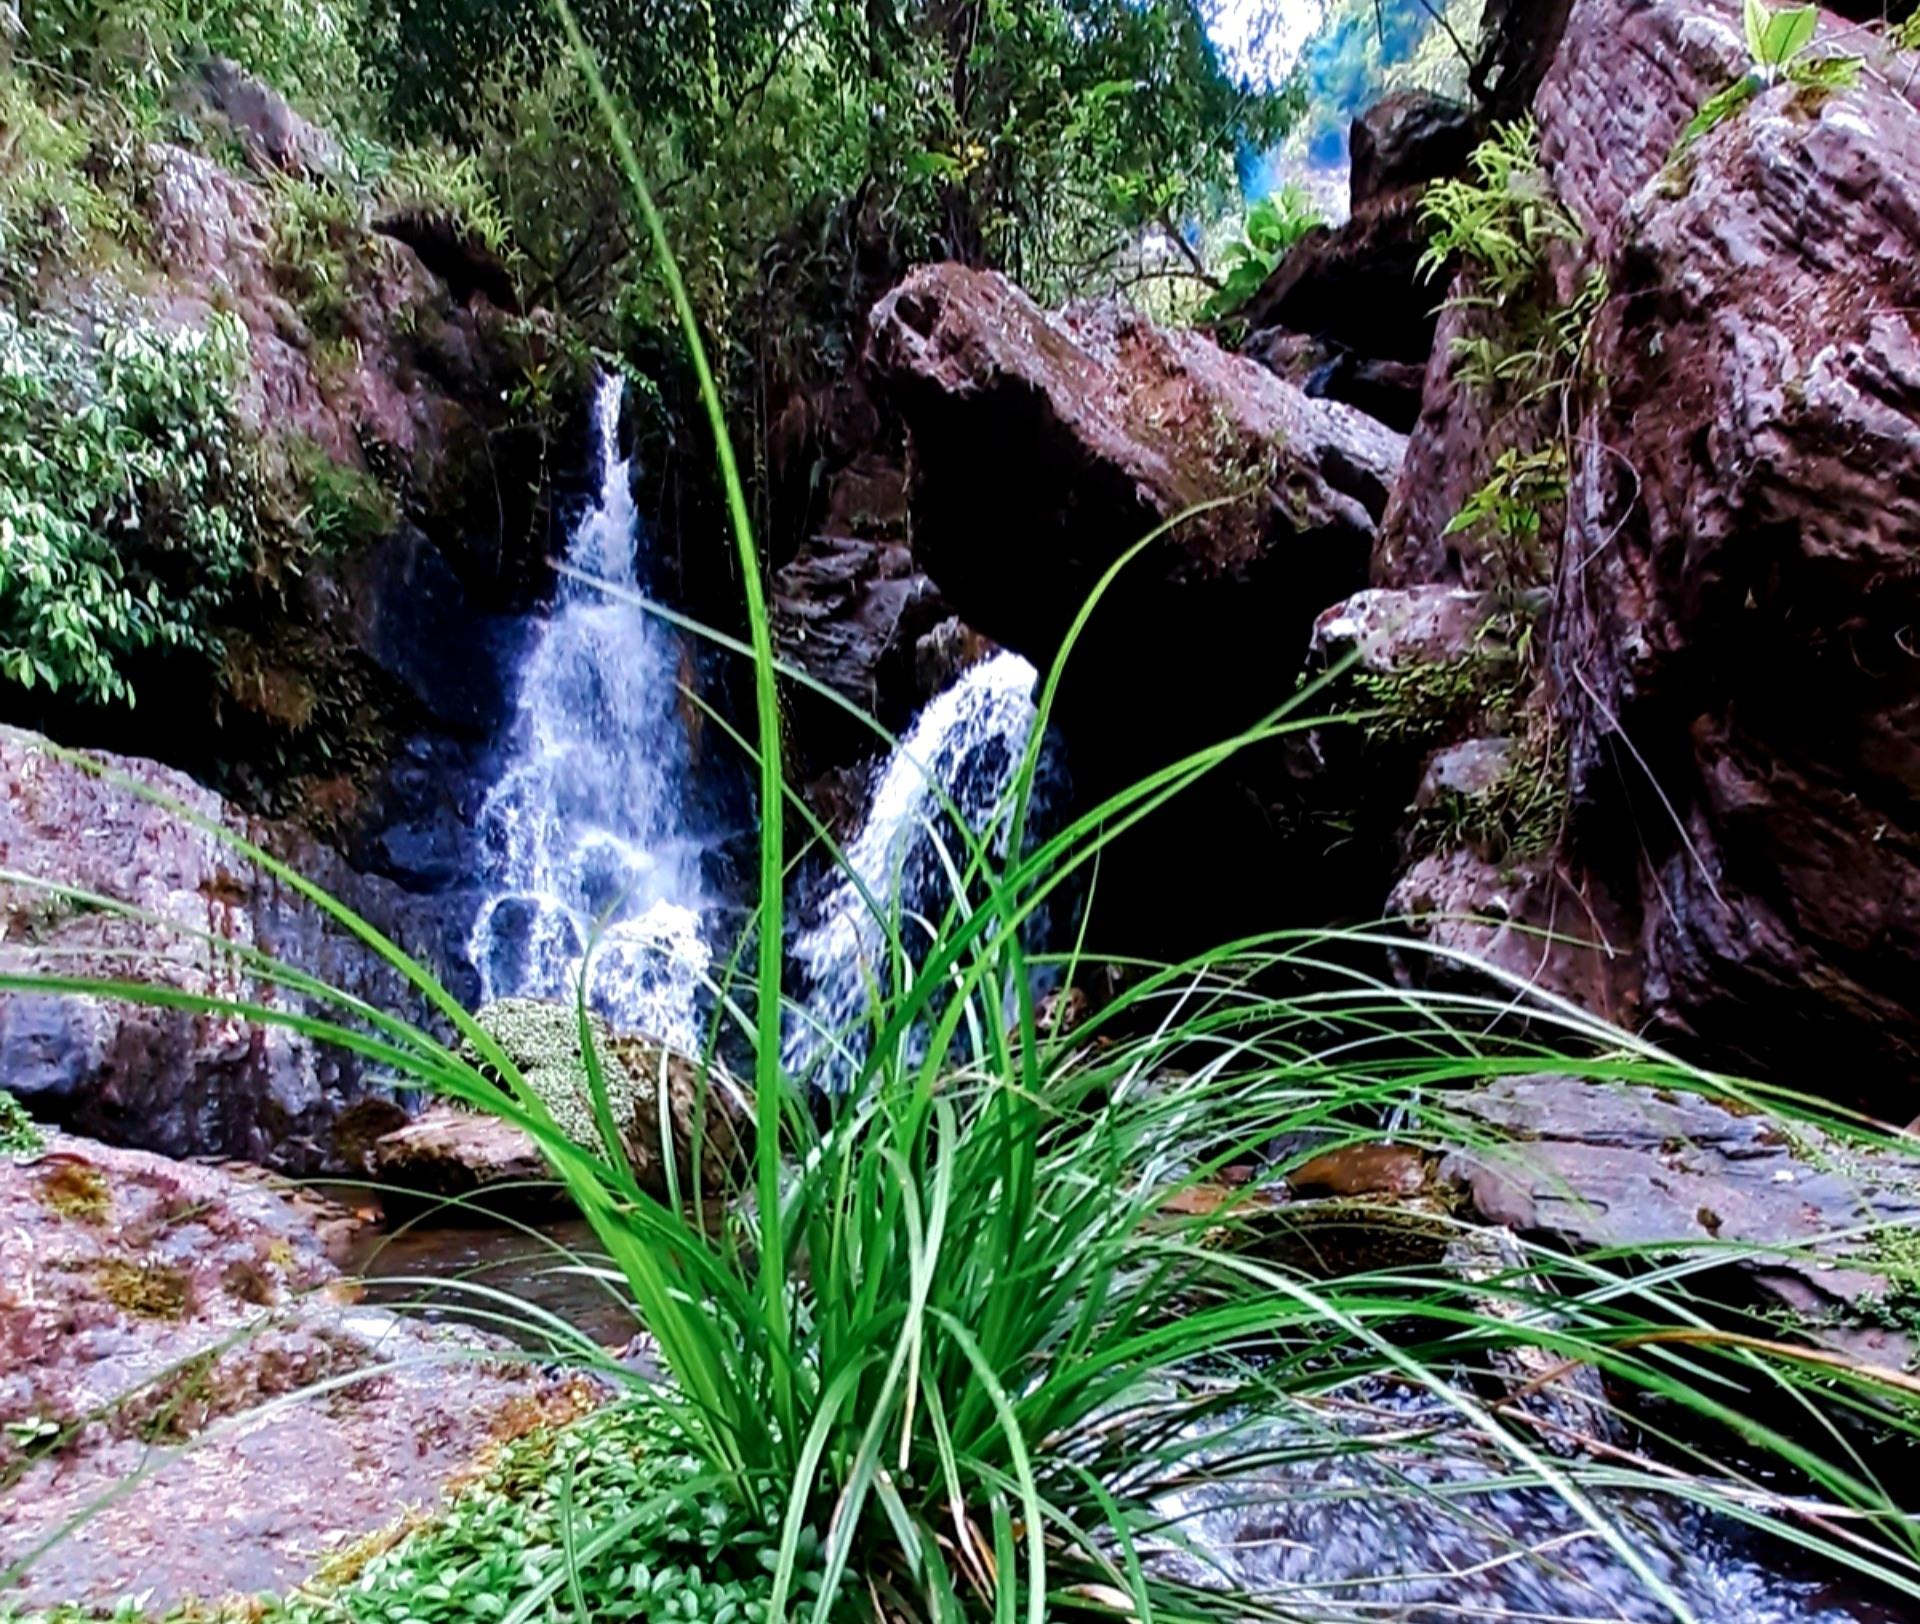 Một bụi lau xanh mướt mọc cạnh dòng suối hiền hòa, tô thêm vẻ đẹp cho thác R'măng. Ảnh: N.L